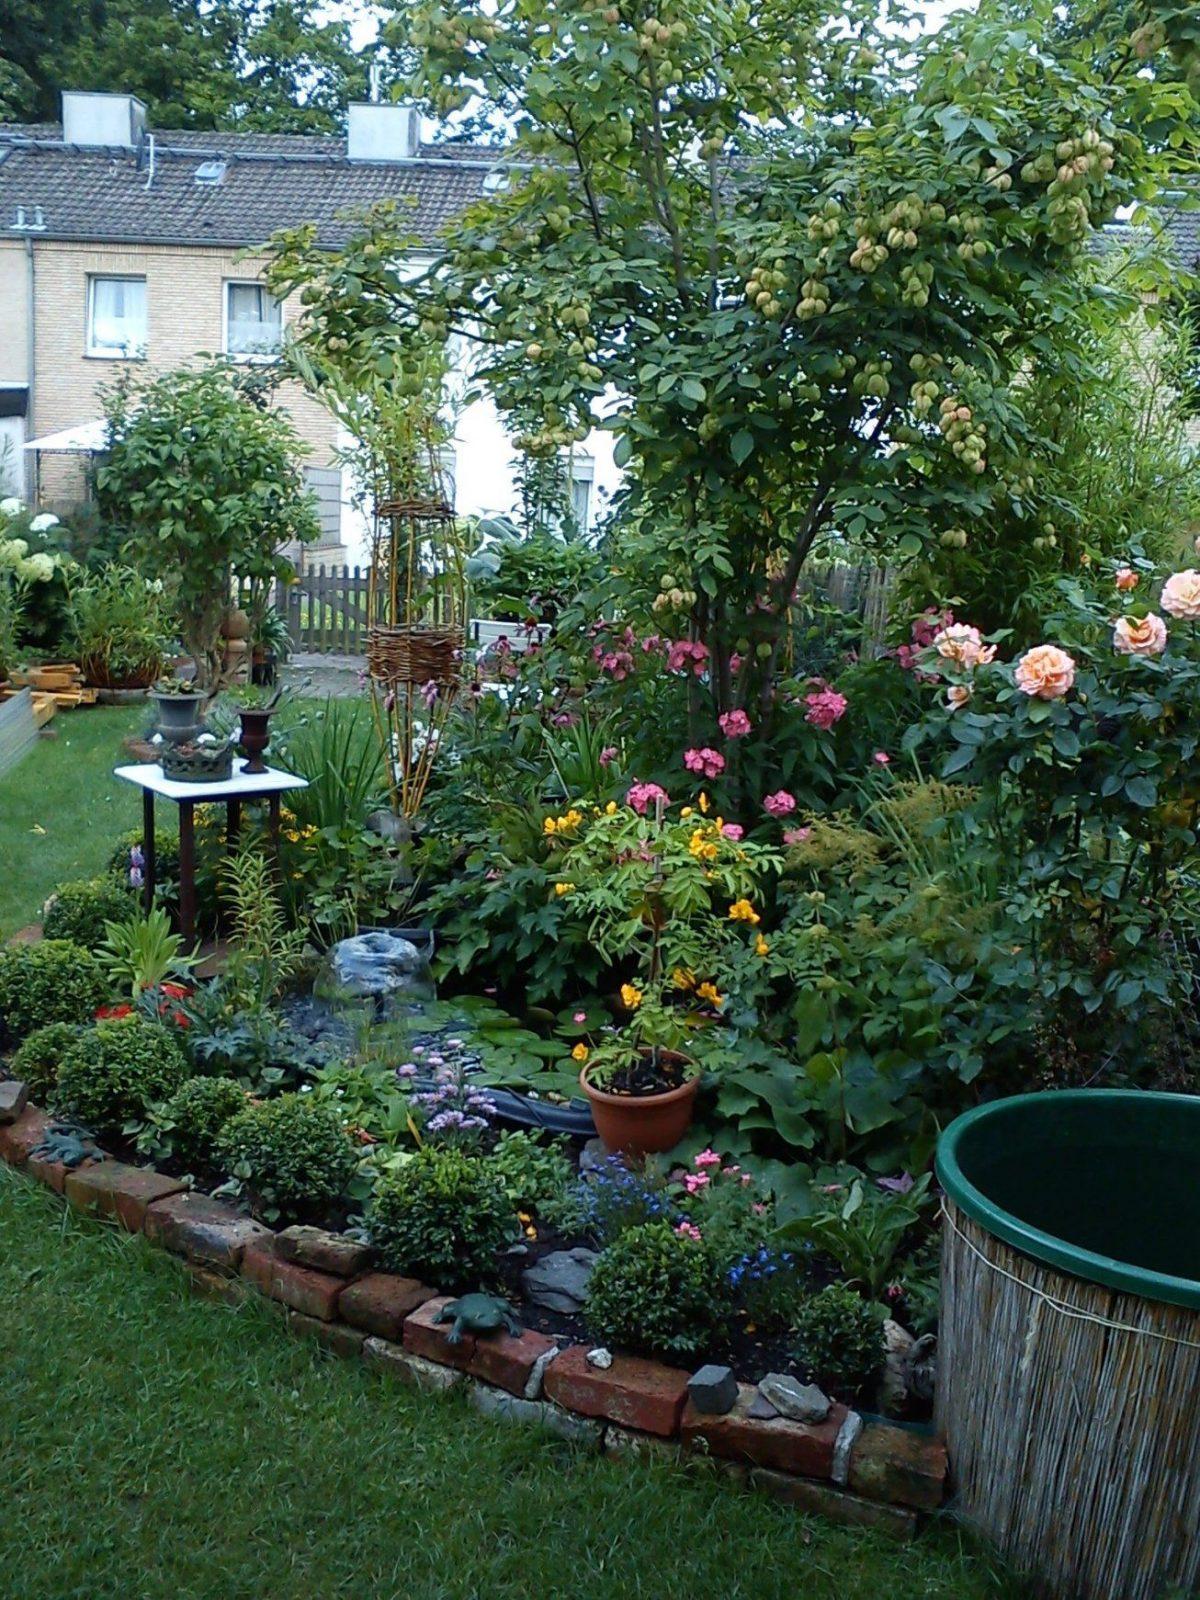 Beet Im Sommer  Mein Kleiner Reihenhausgarten  Pinterest von Kleiner Zaun Für Vorgarten Bild